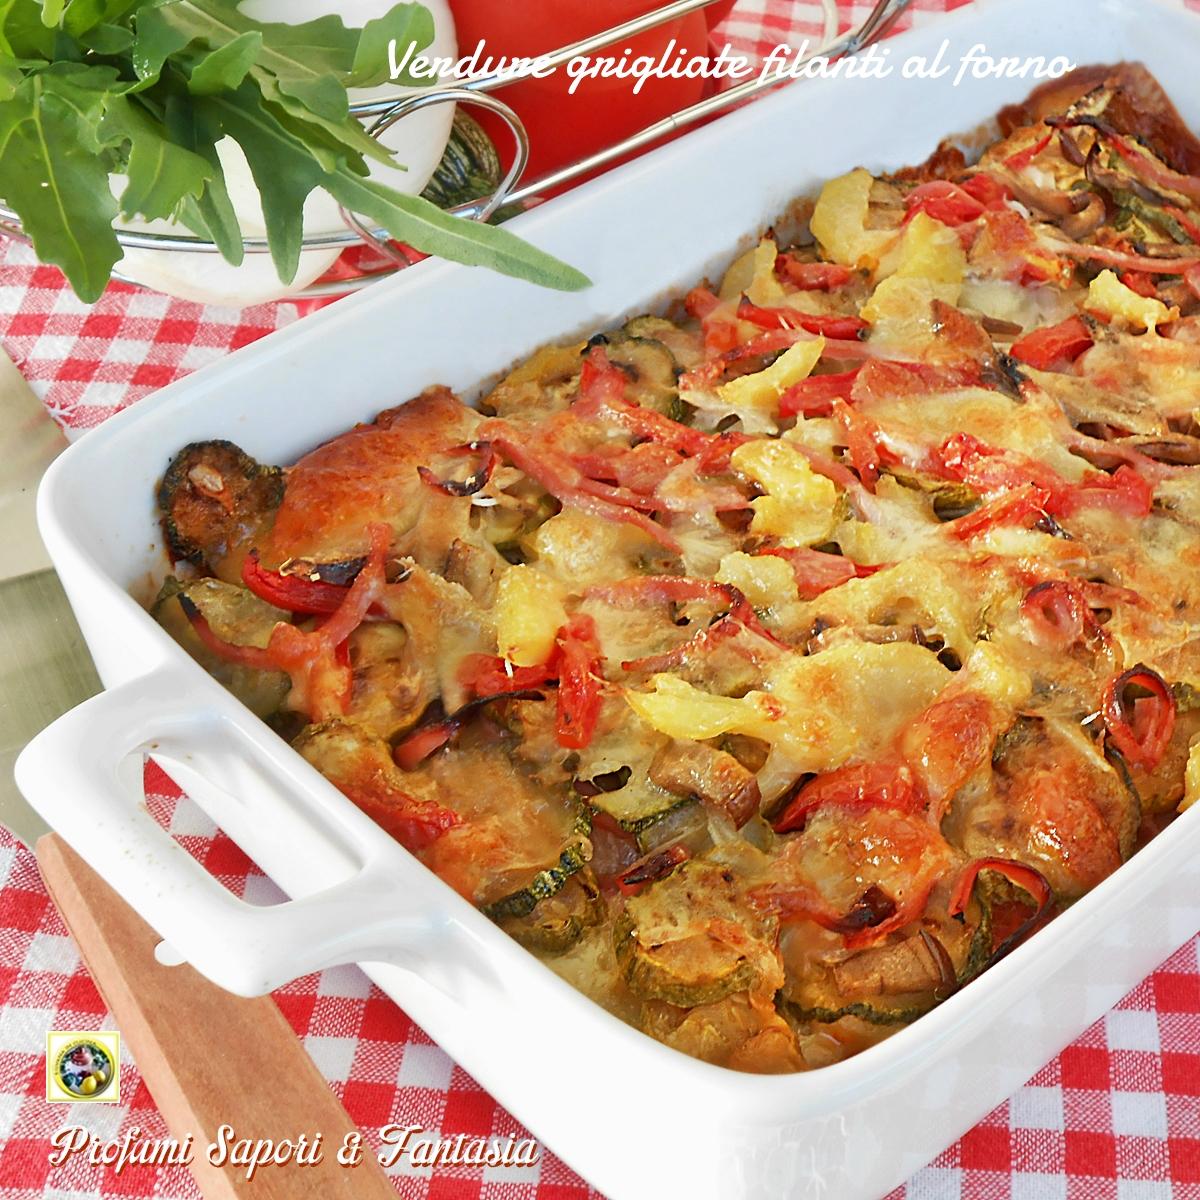 Verdure grigliate filanti al forno ricetta for Ricette di verdure